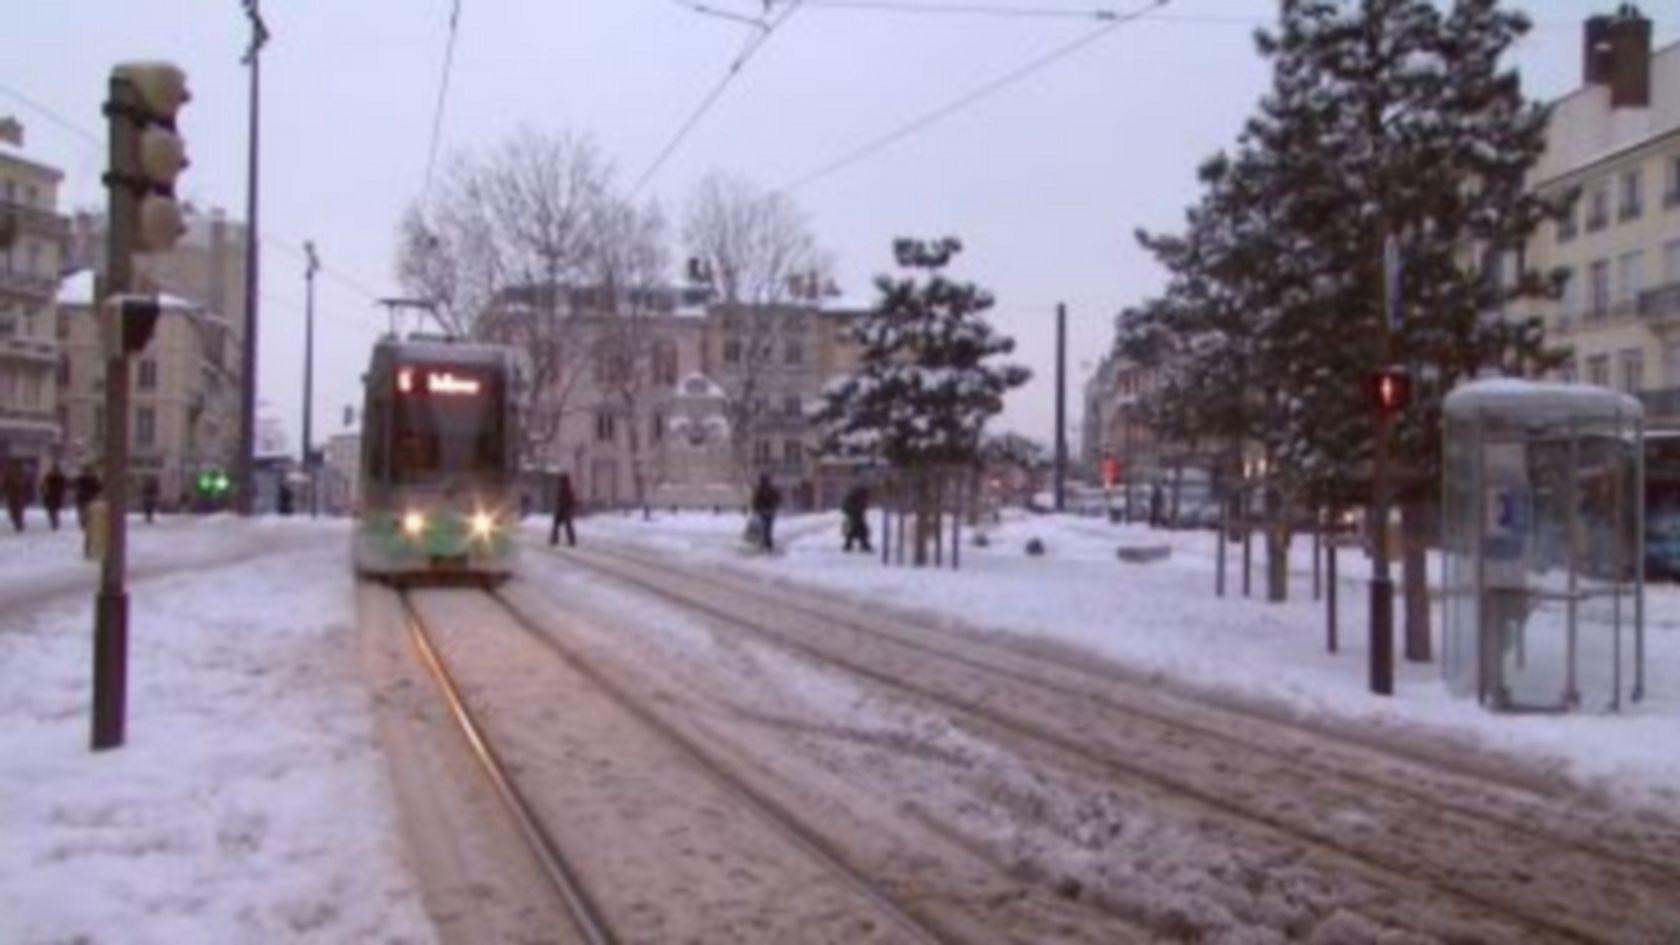 Nouvelles mobilités : l'urbanisme par le rail  